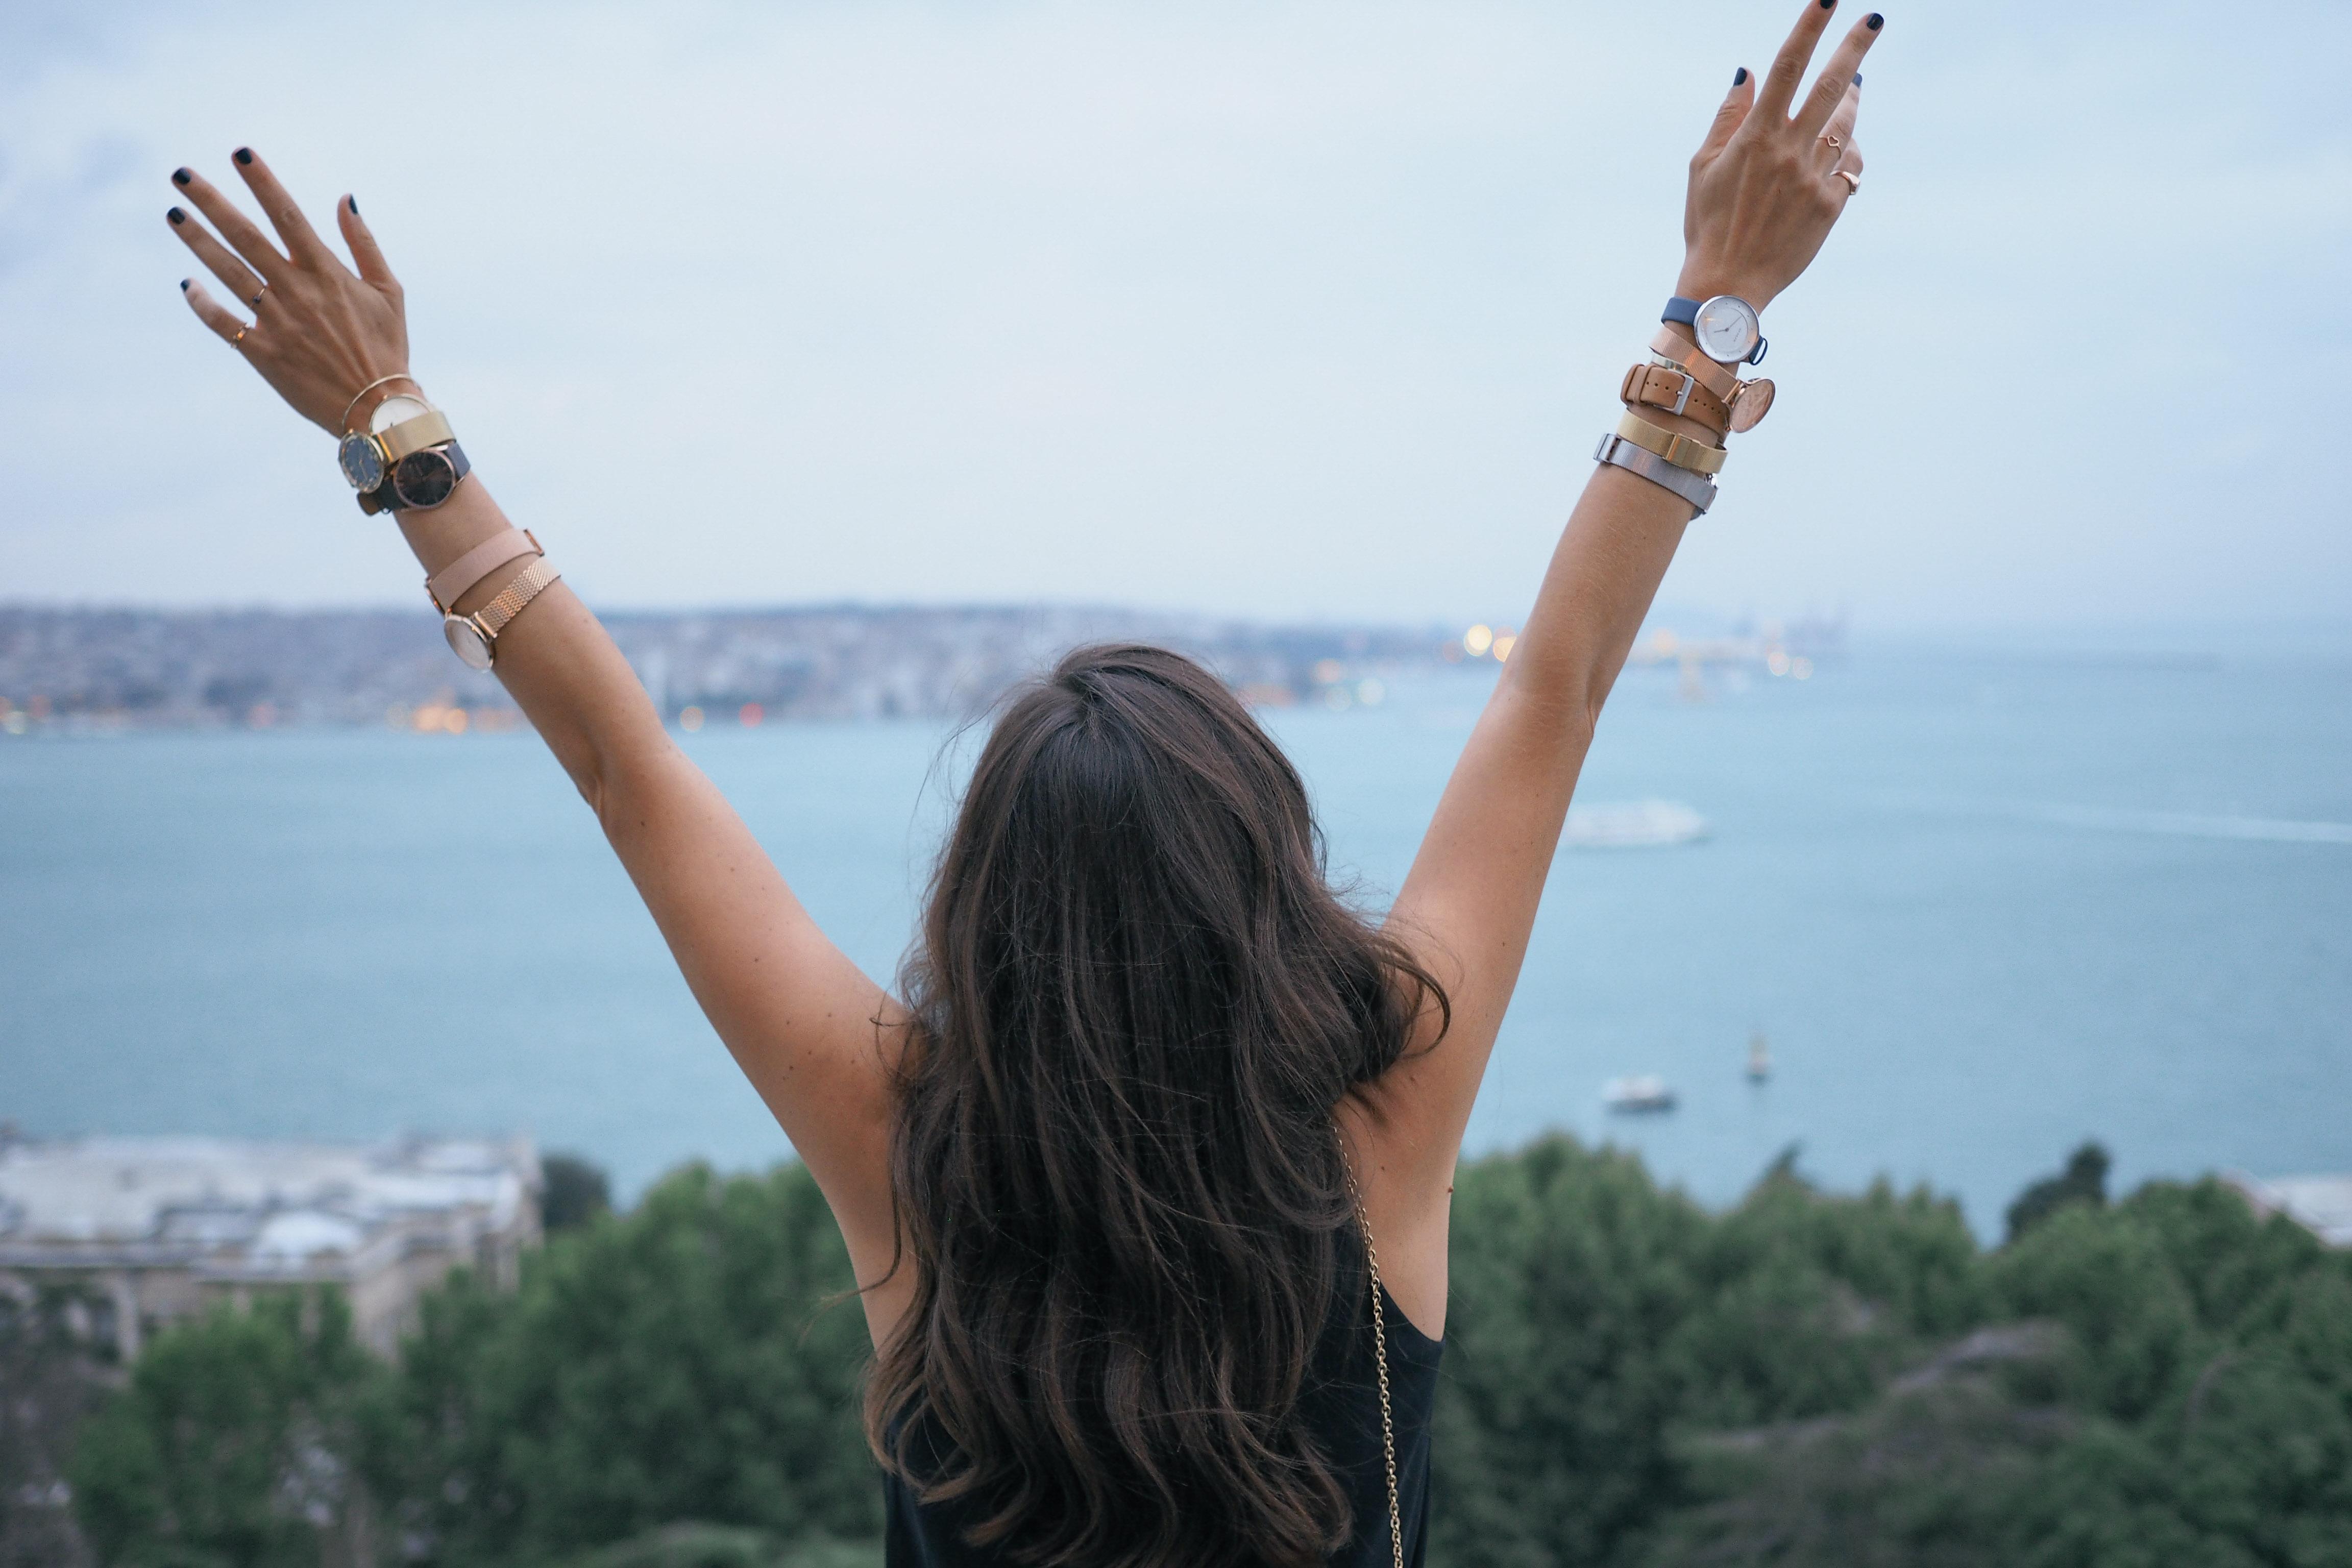 billur saatci, off ne giysem, skagen, street style, turkish style blogger, watch, watches, denmark, party